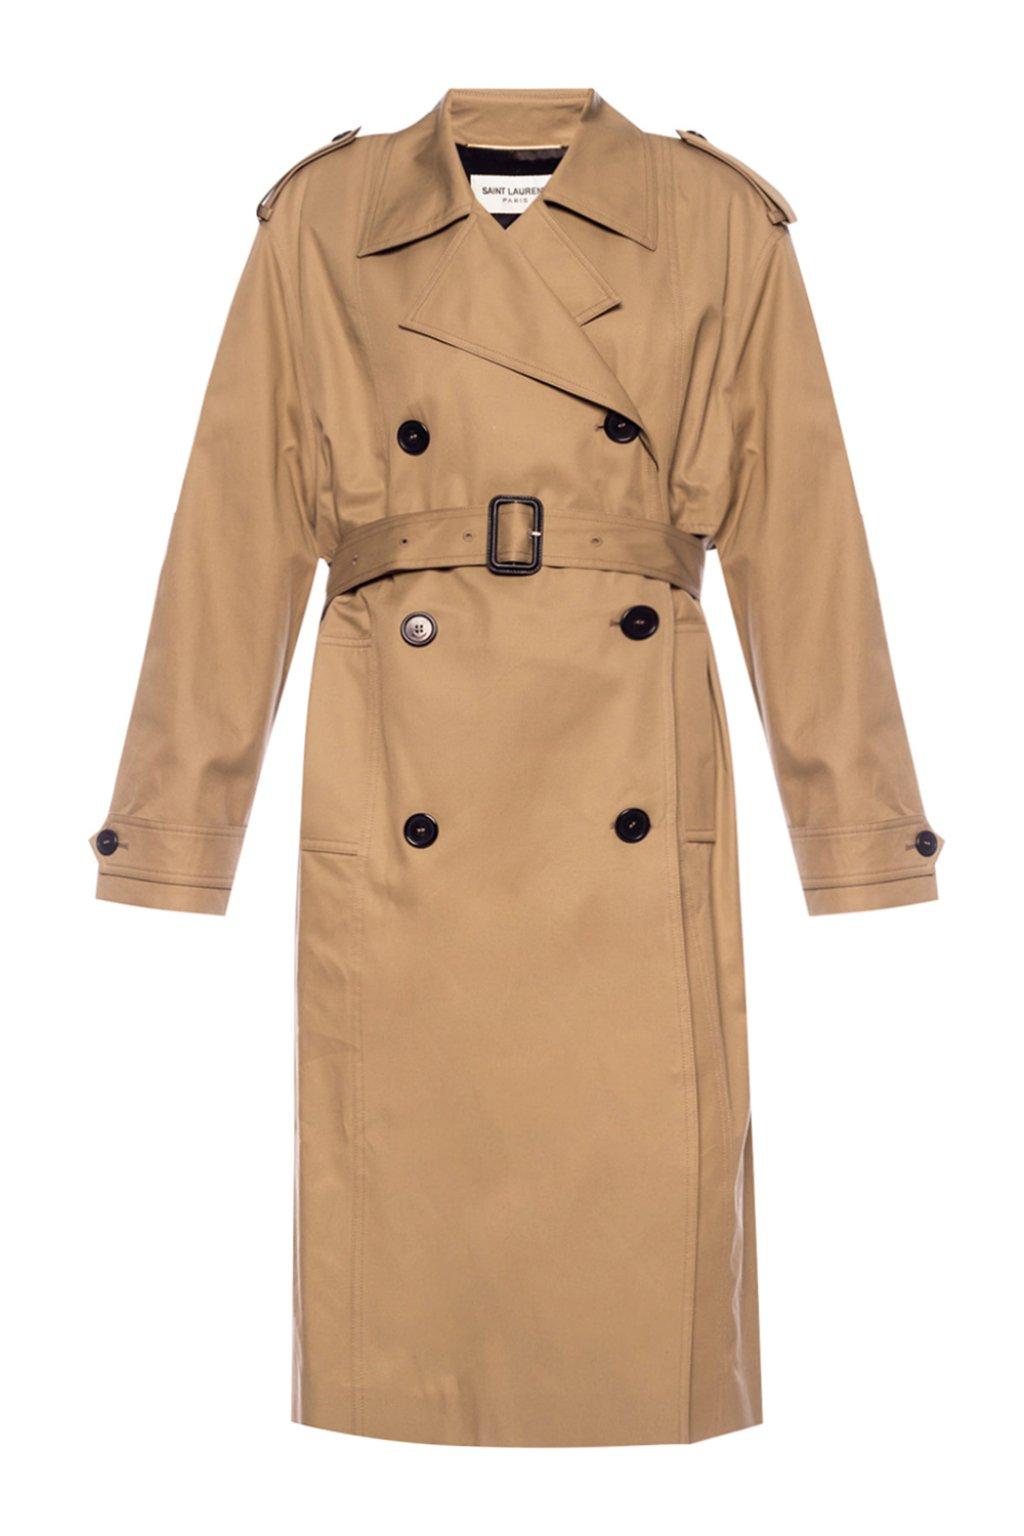 Saint Laurent Notch lapel trench coat